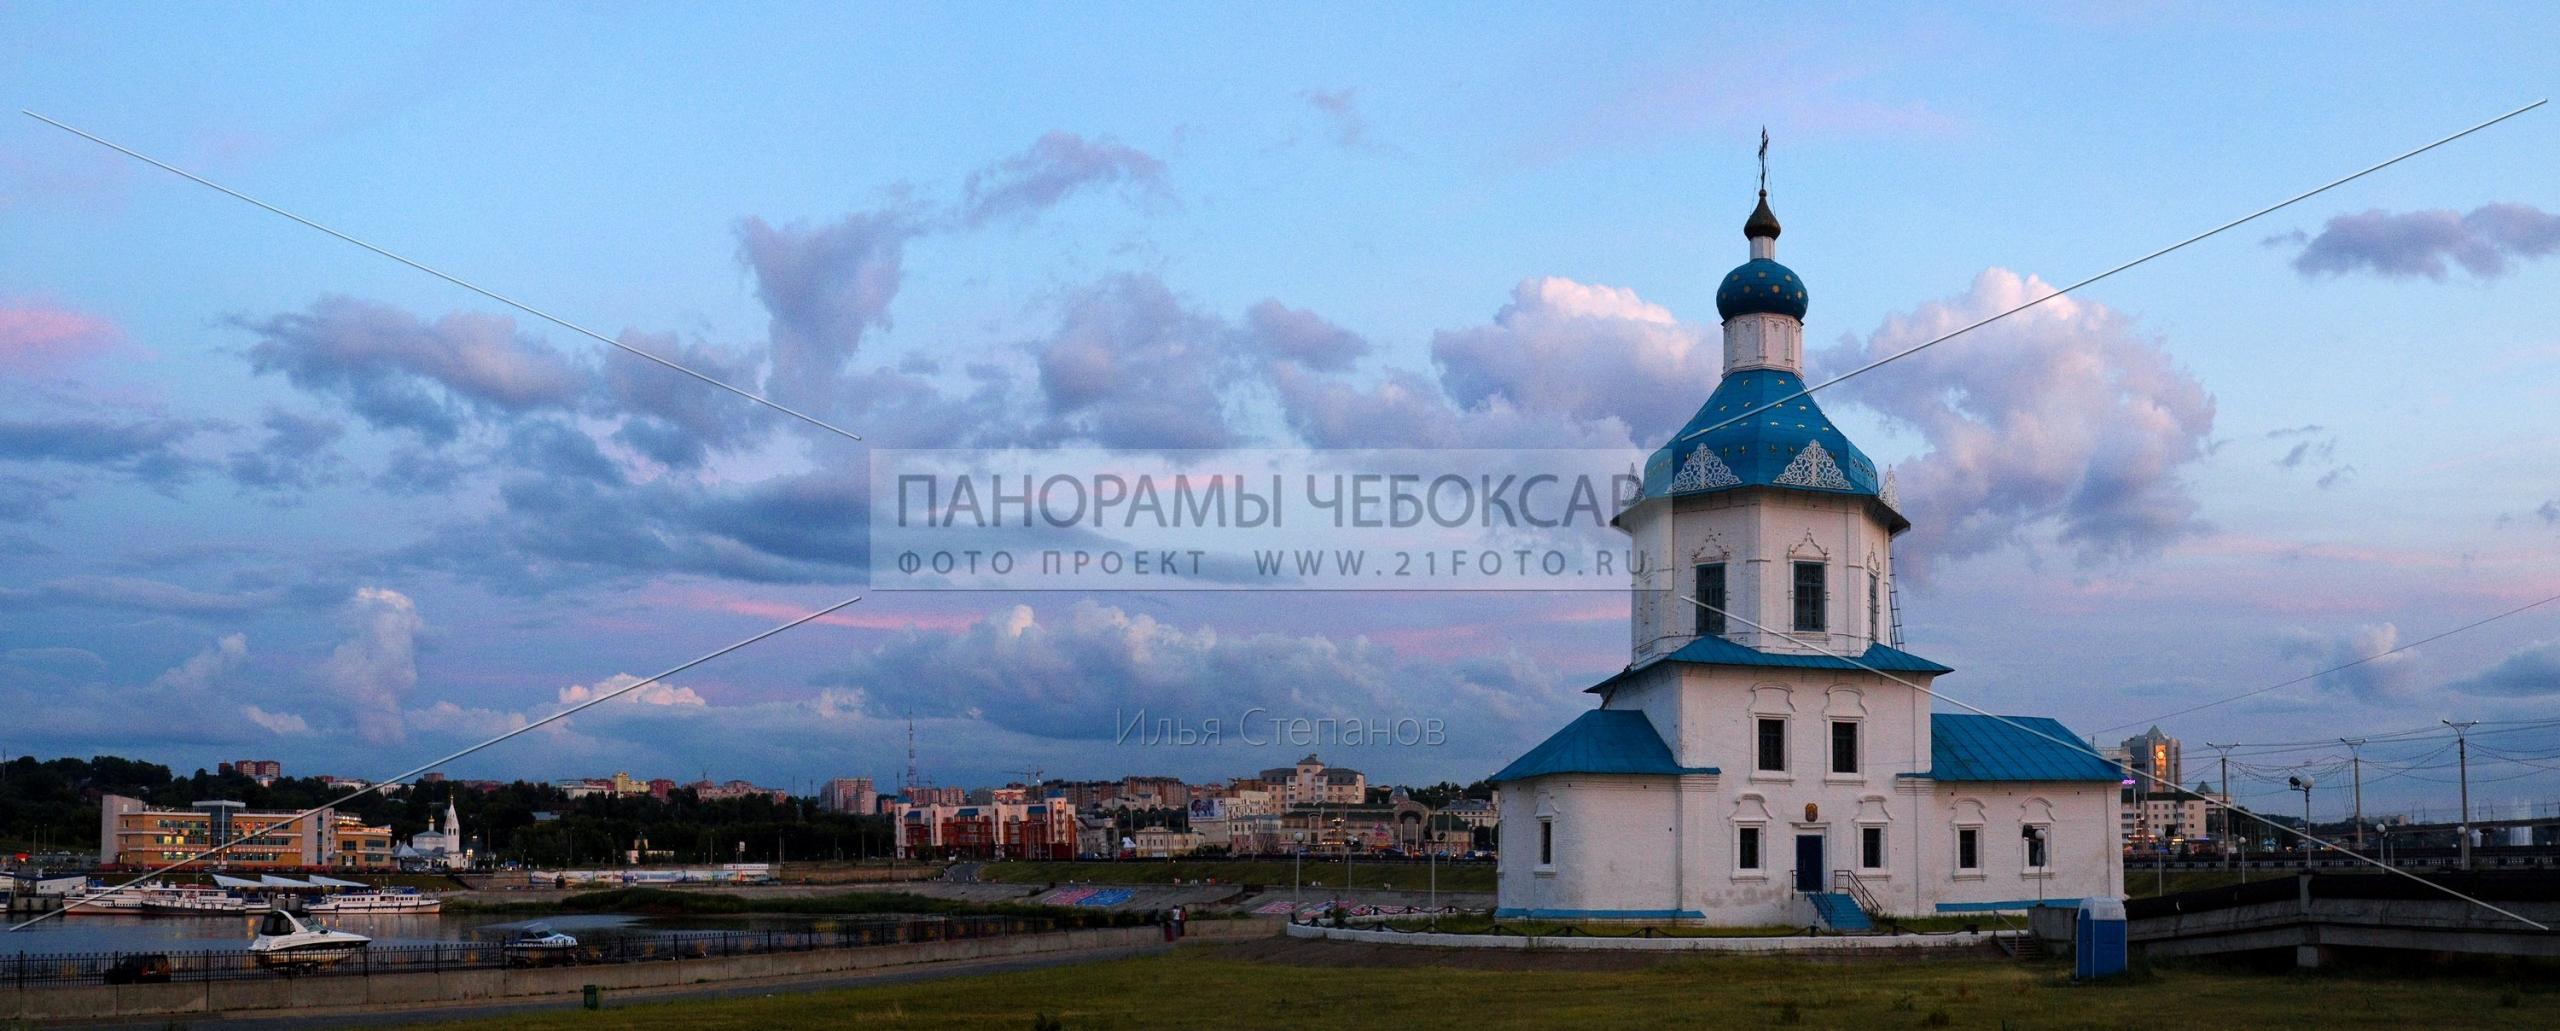 Успенская Церковь — Илья Степанов — Чебоксары